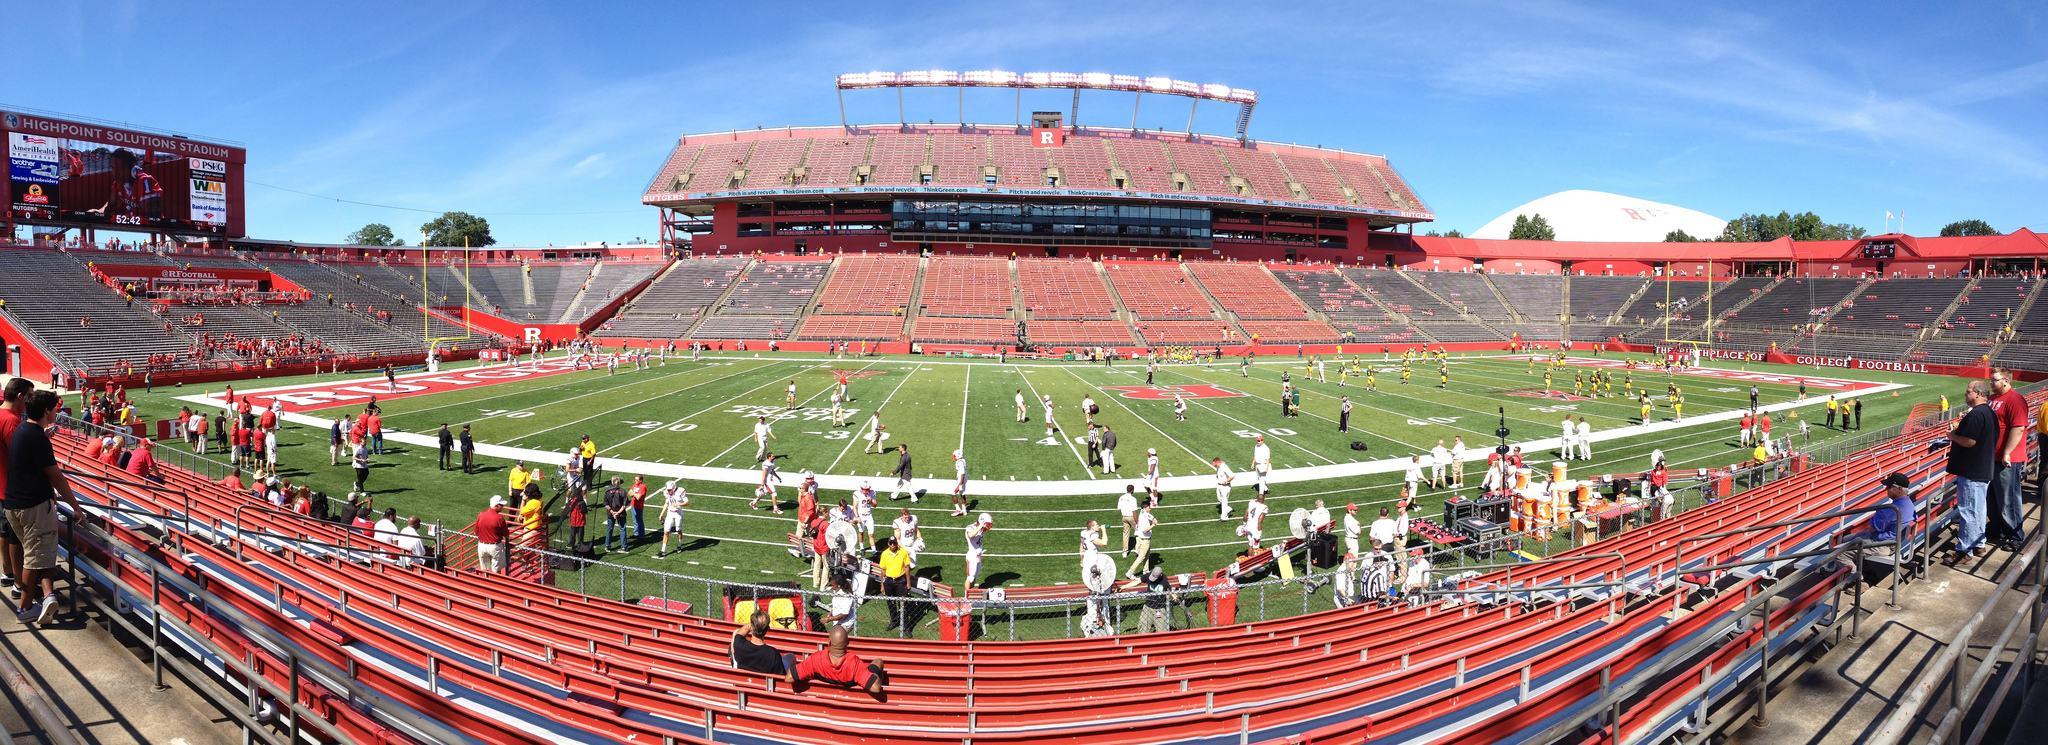 SHI Stadium (Rutgers Stadium) – StadiumDB.com